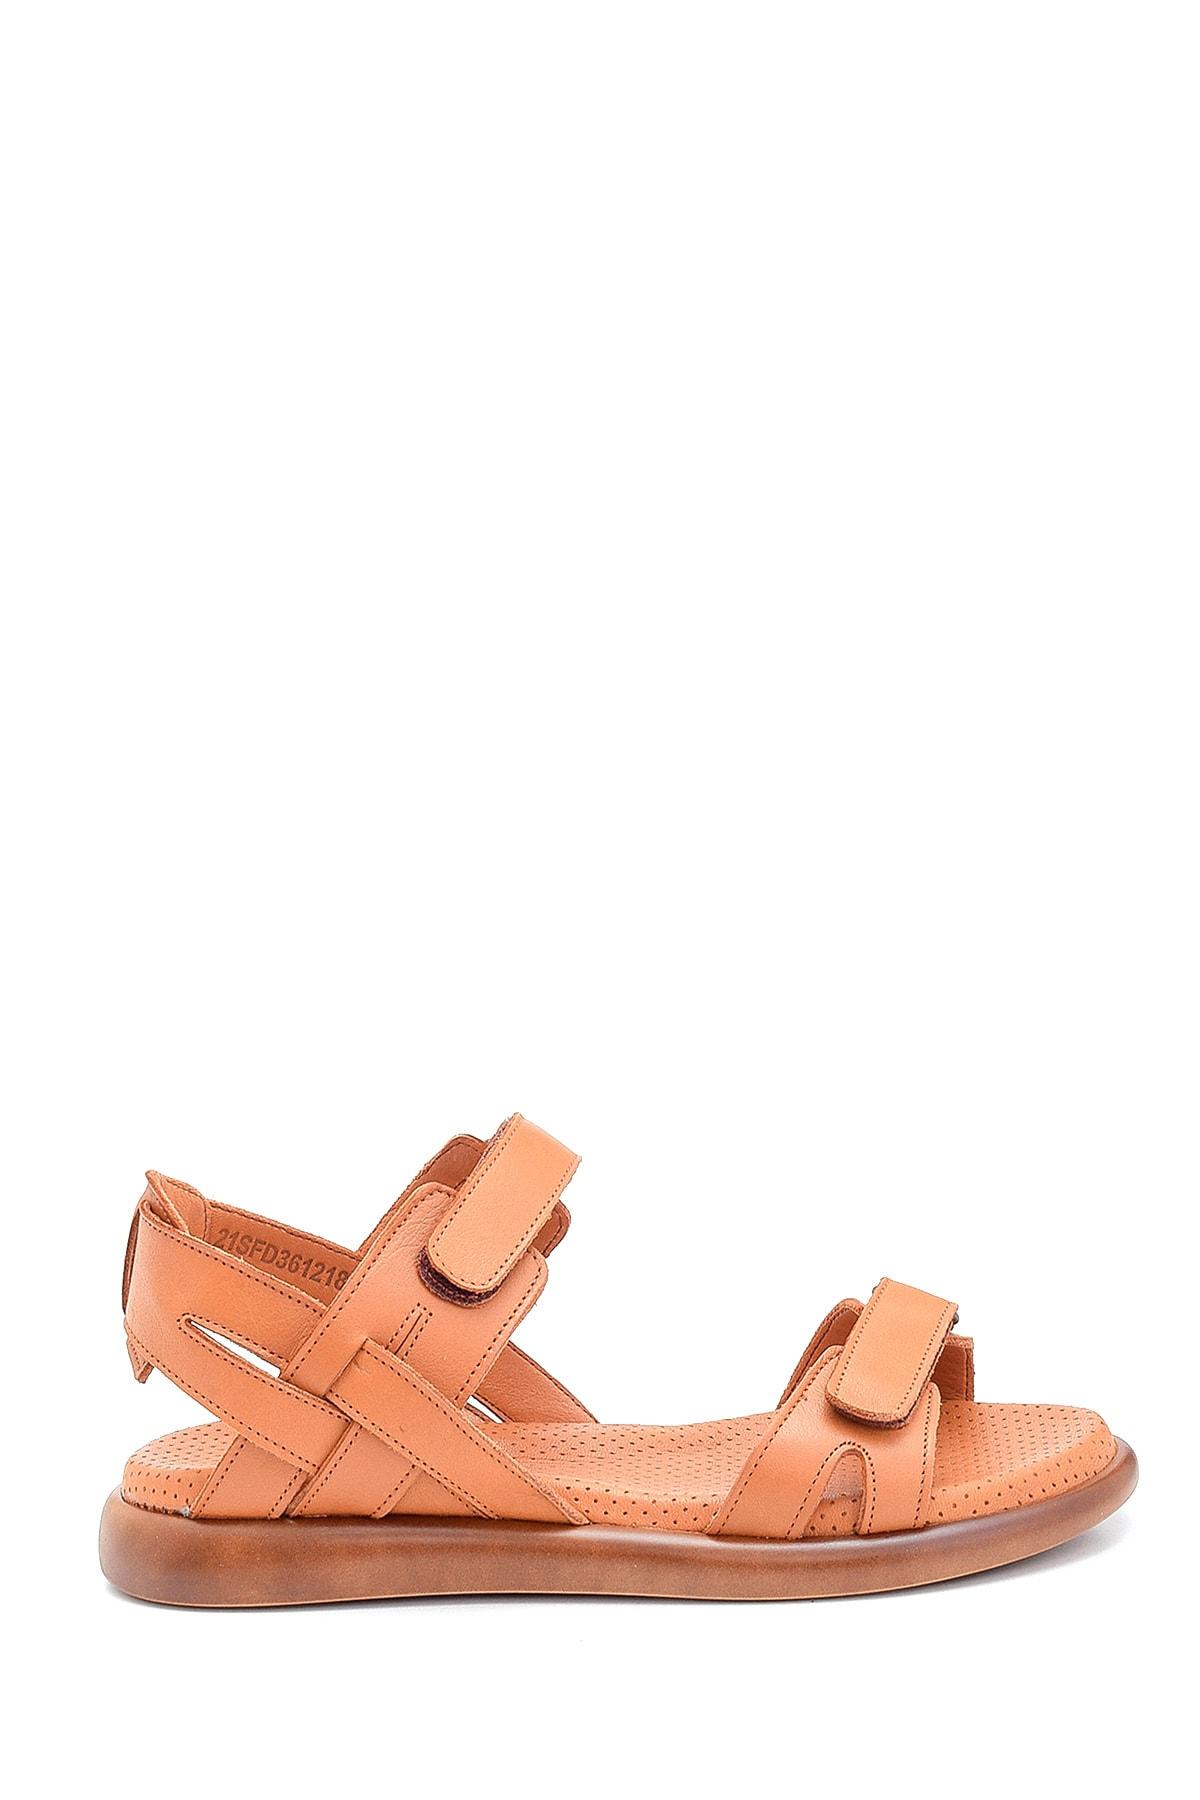 Kadın Kahverengi Bantlı Sandalet